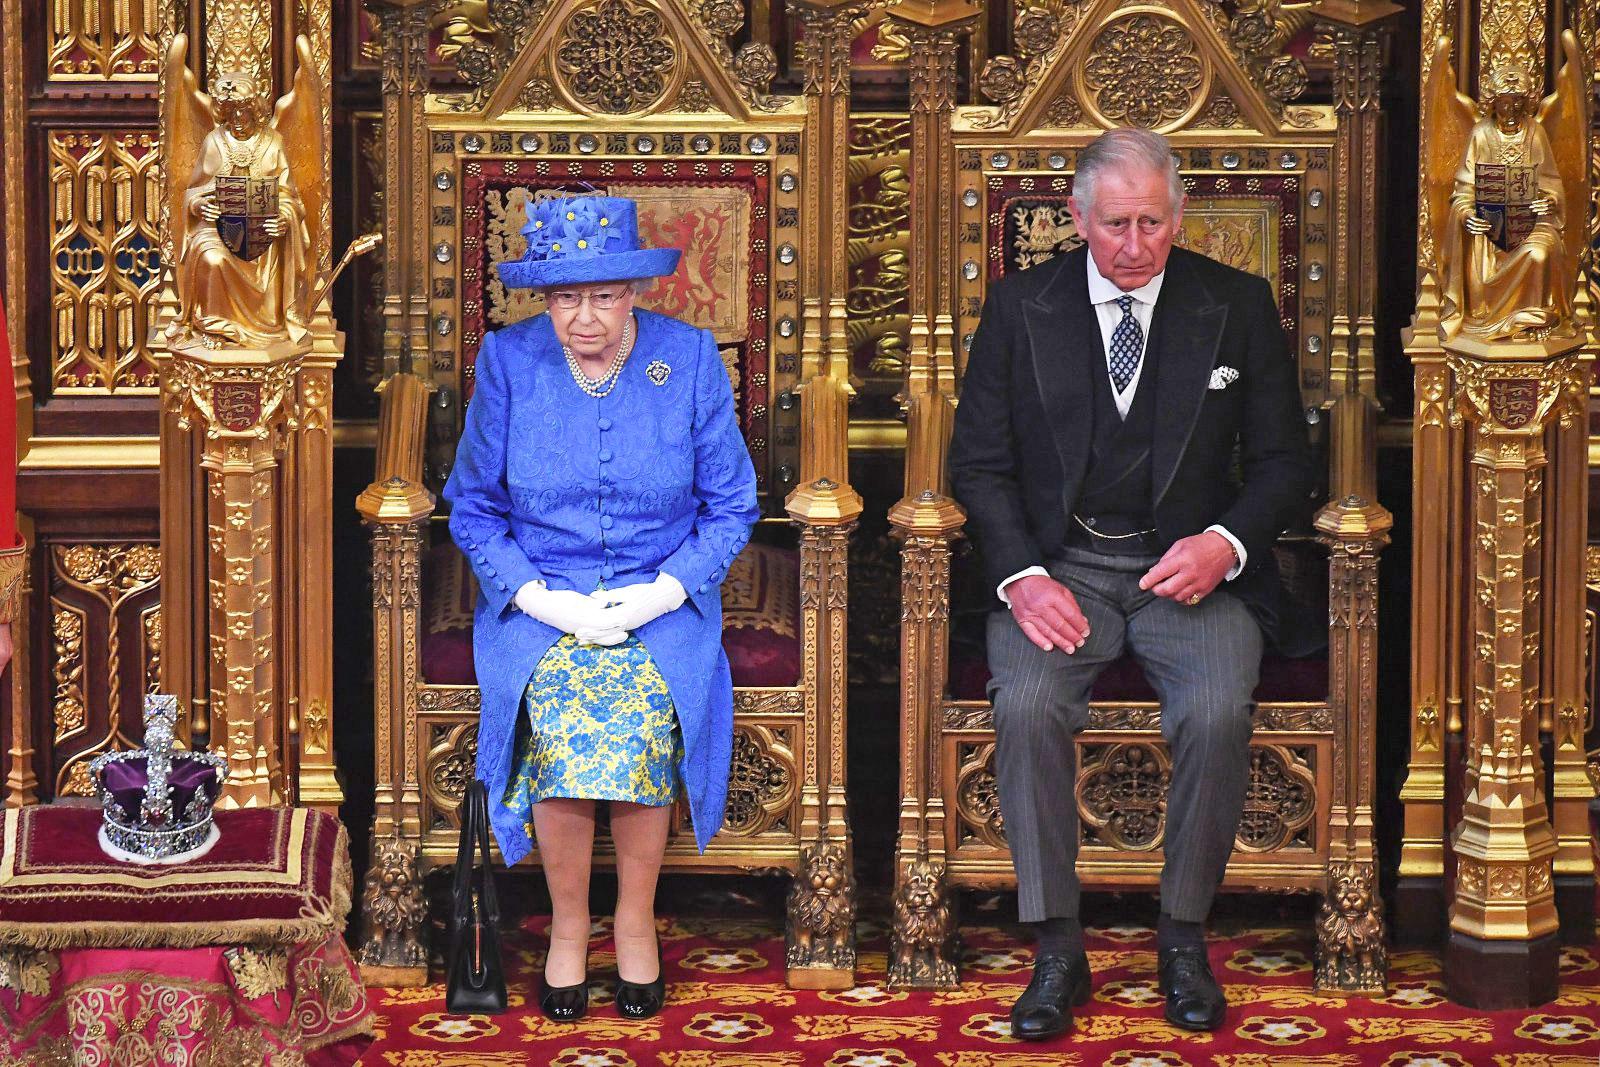 Queen's Speech: Is the Queen wearing an EU hat?